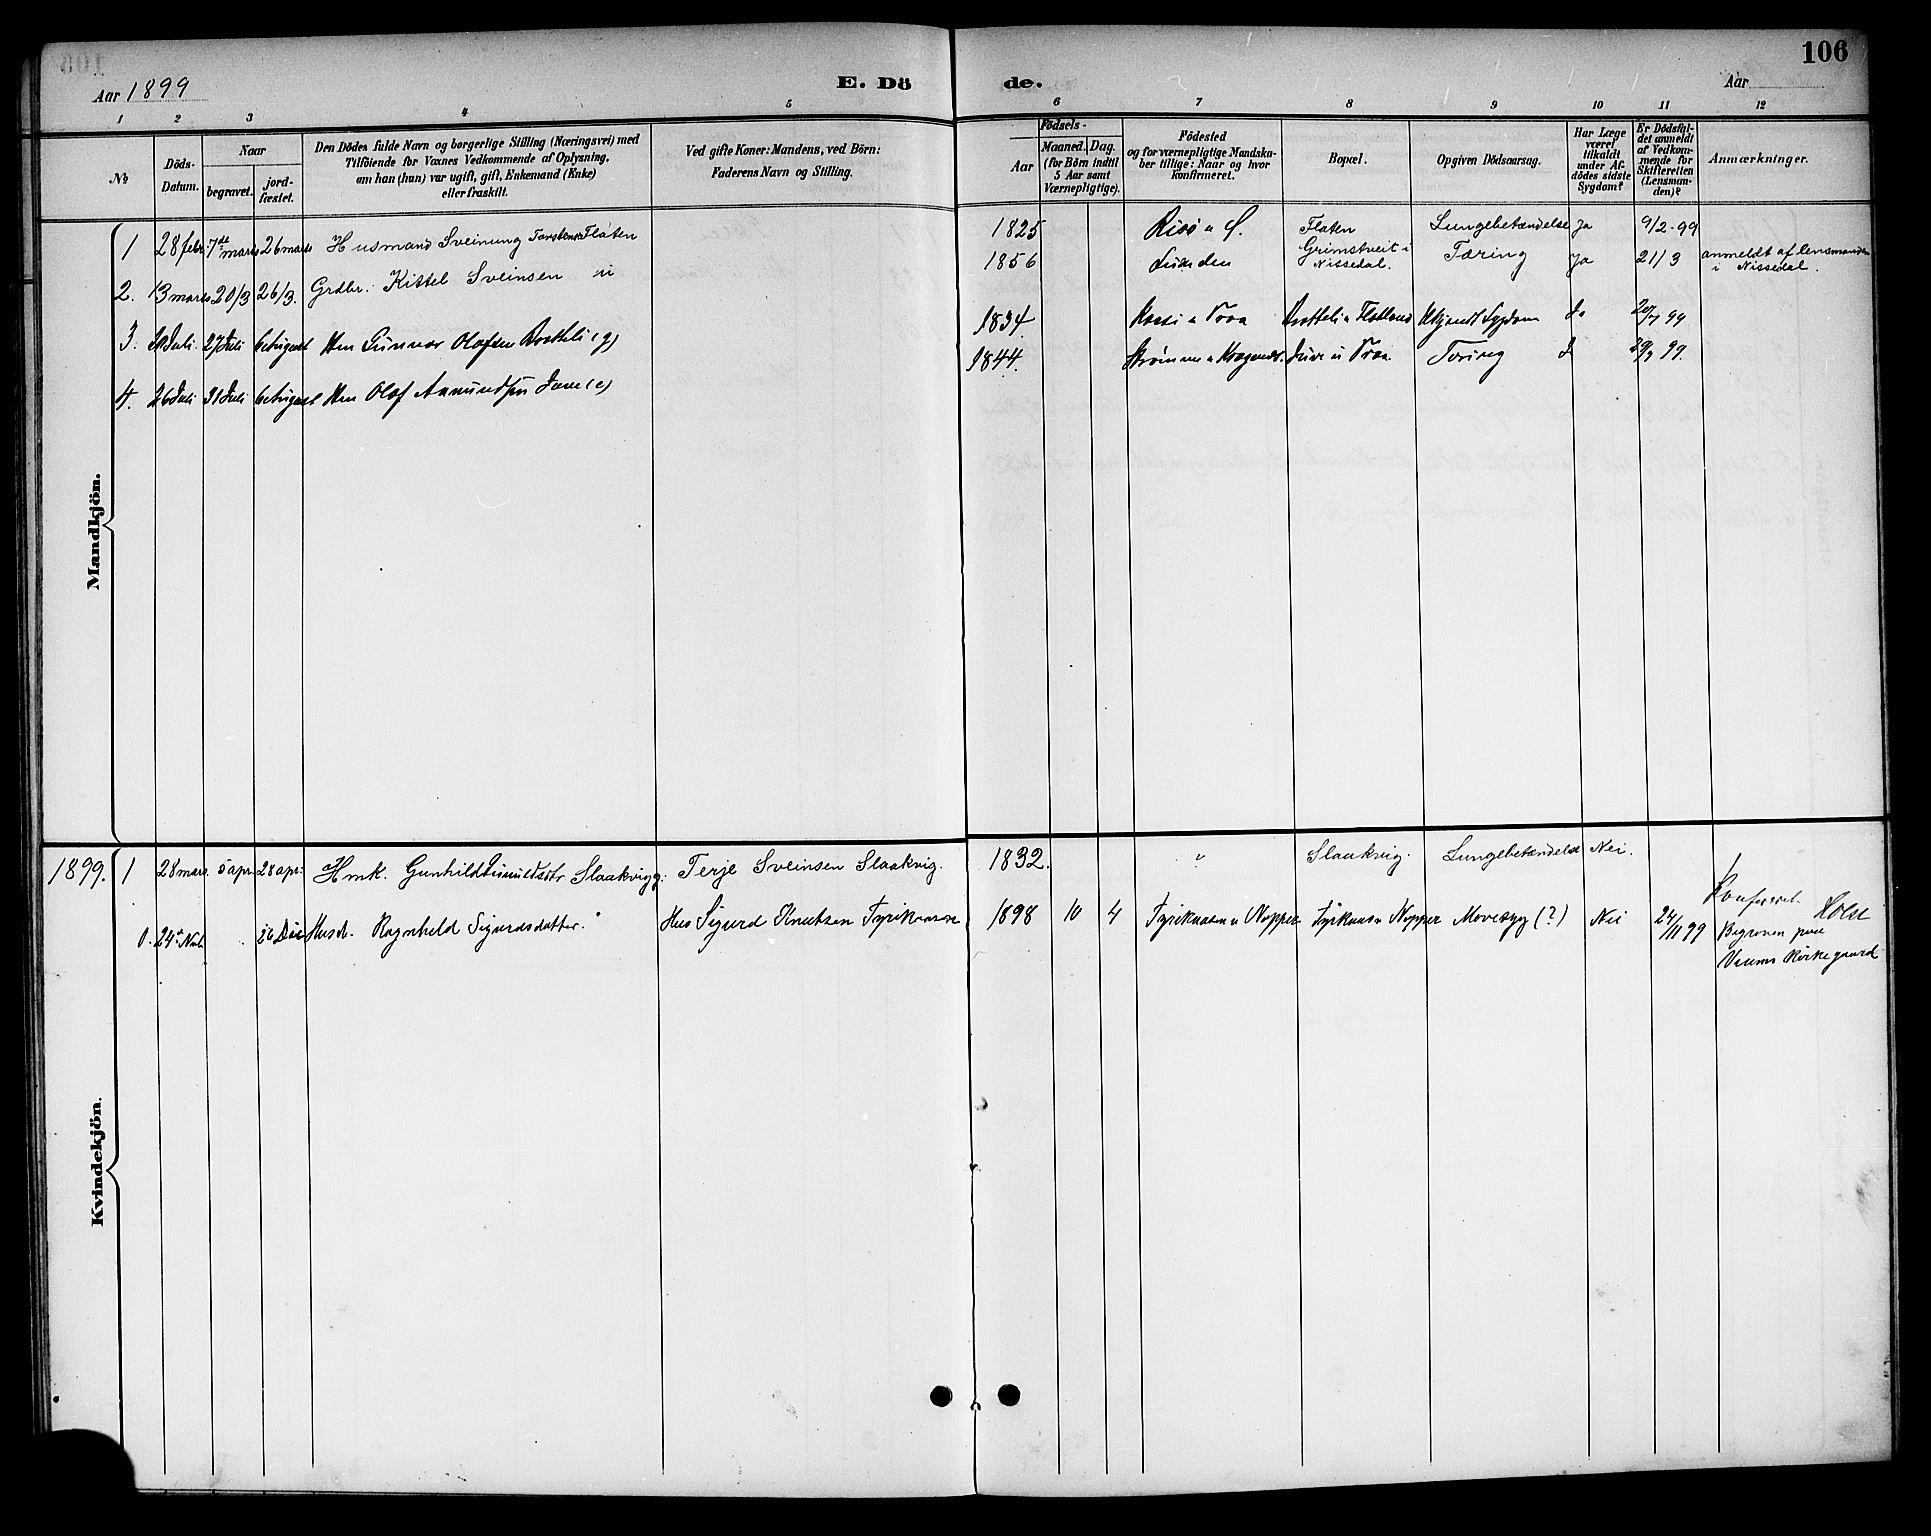 SAKO, Kviteseid kirkebøker, G/Gc/L0001: Klokkerbok nr. III 1, 1893-1916, s. 106